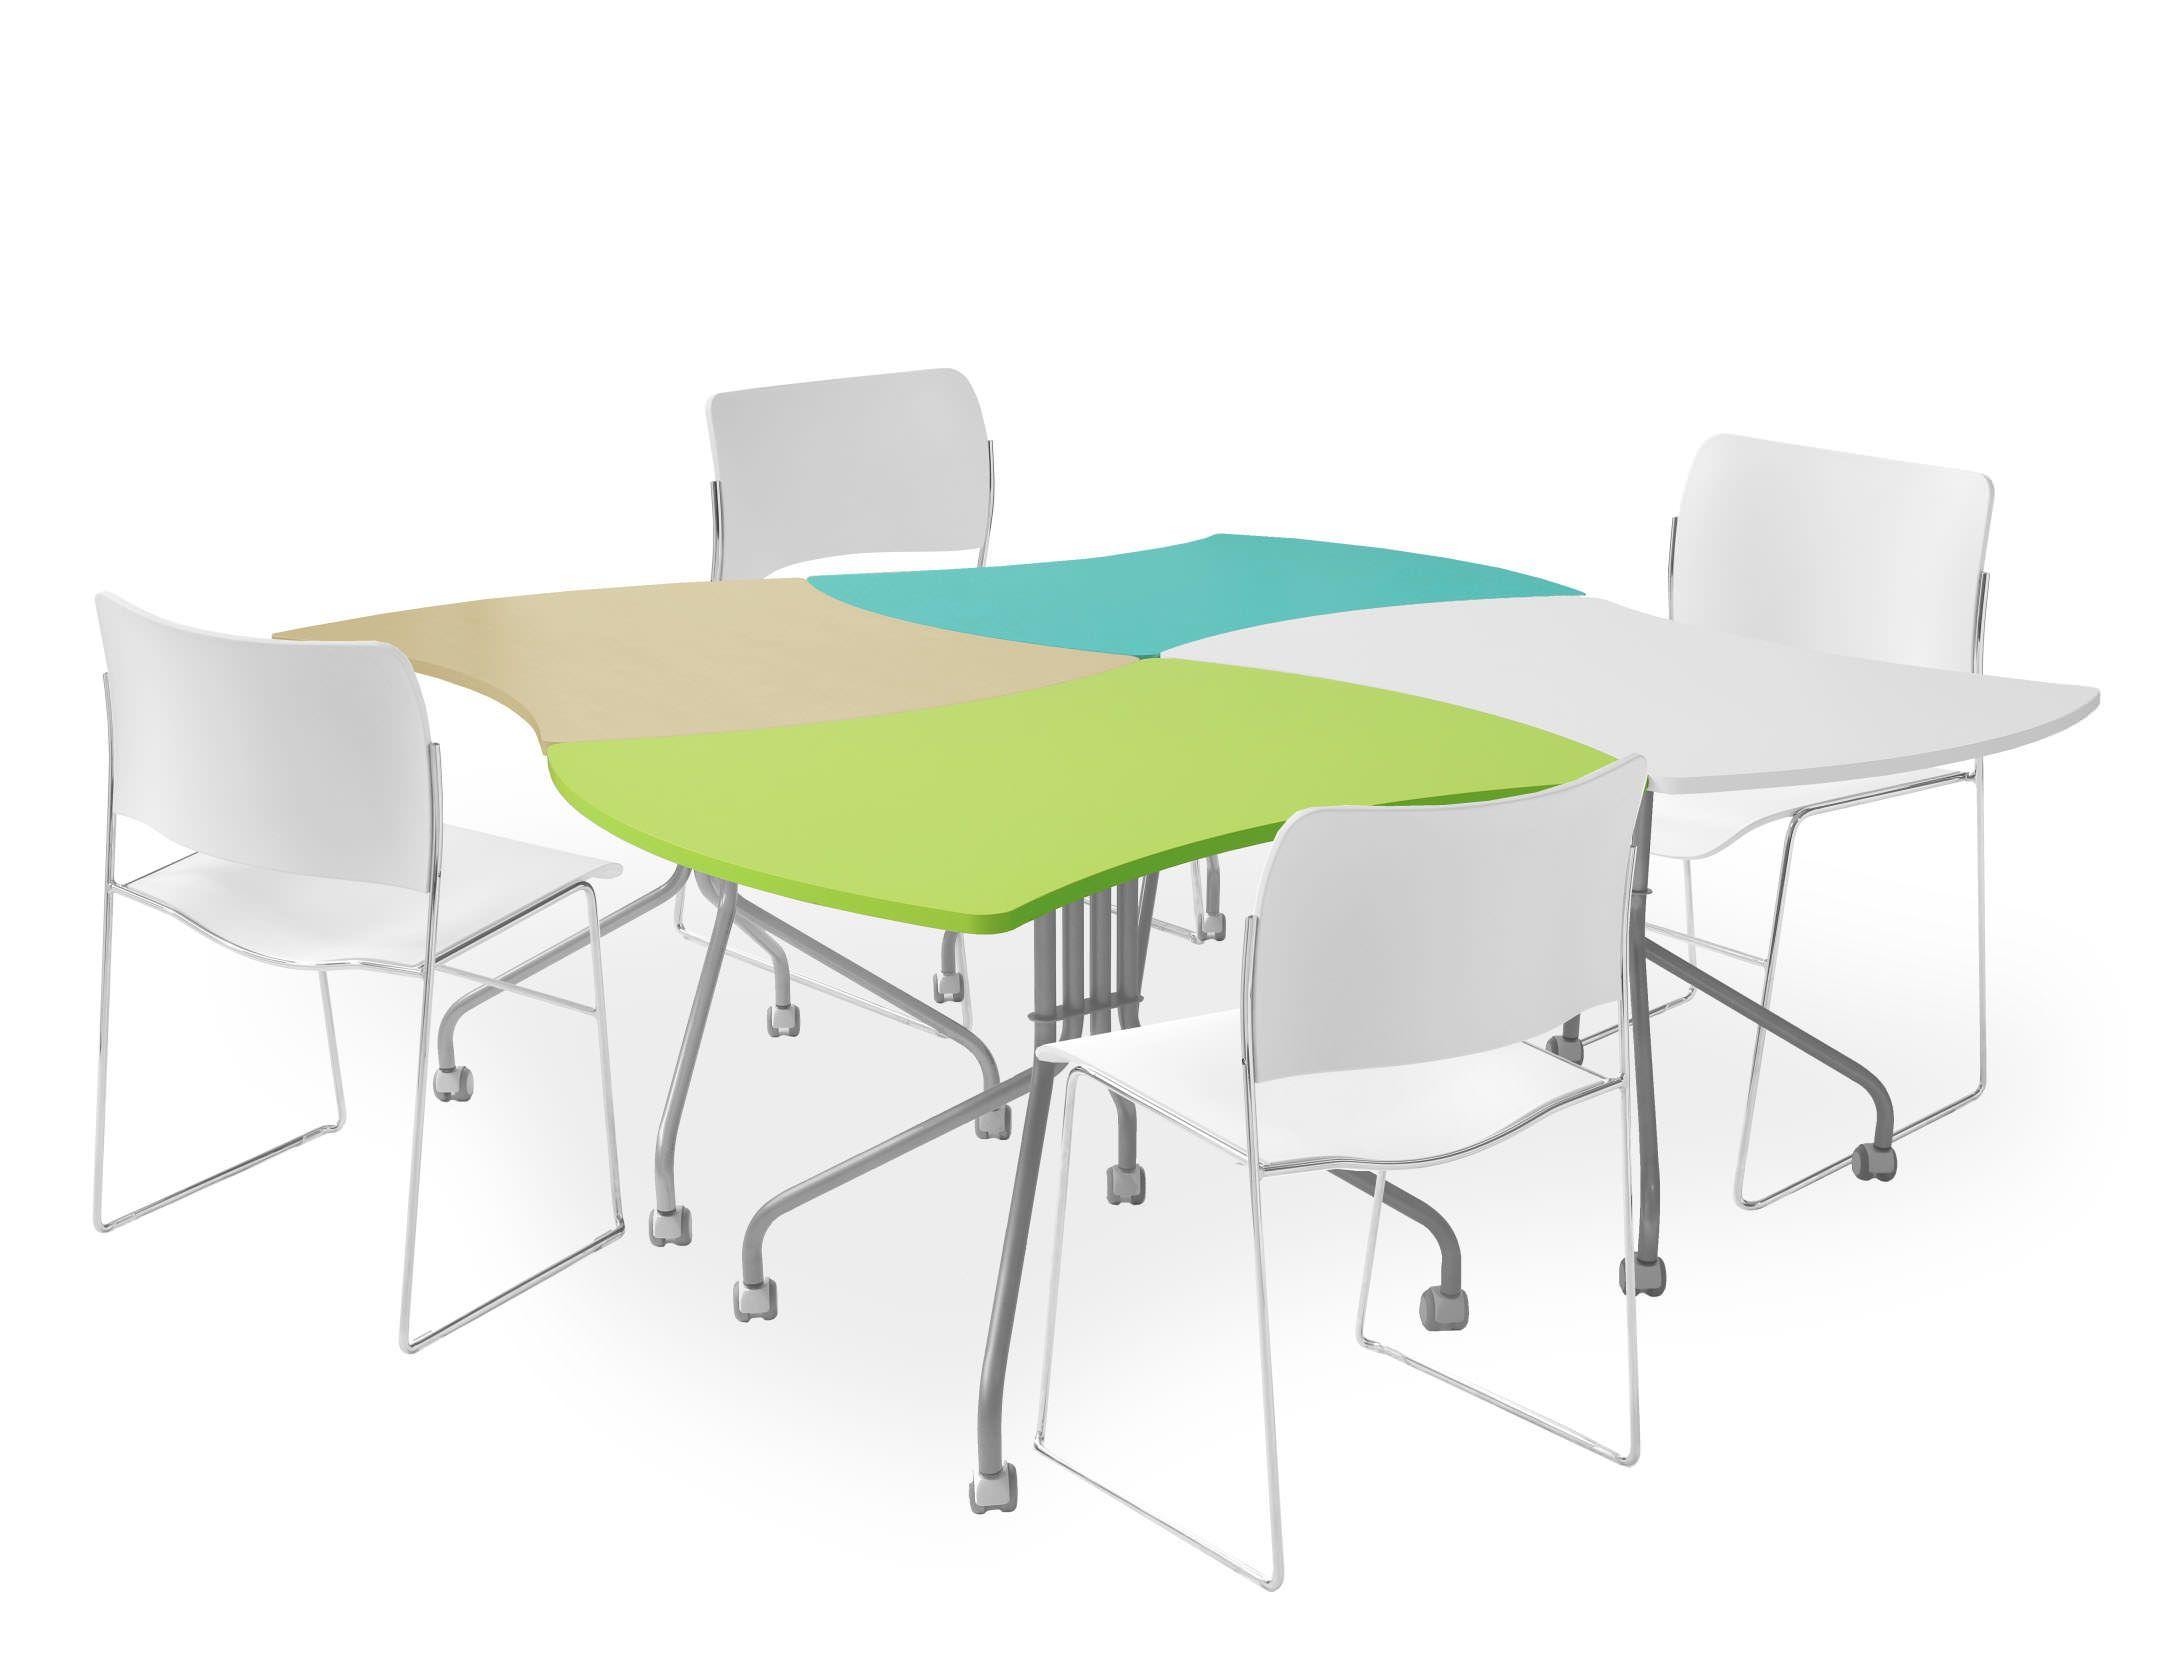 Ginkgo La Table Modulable Compacte Et Personnalisable Salles De